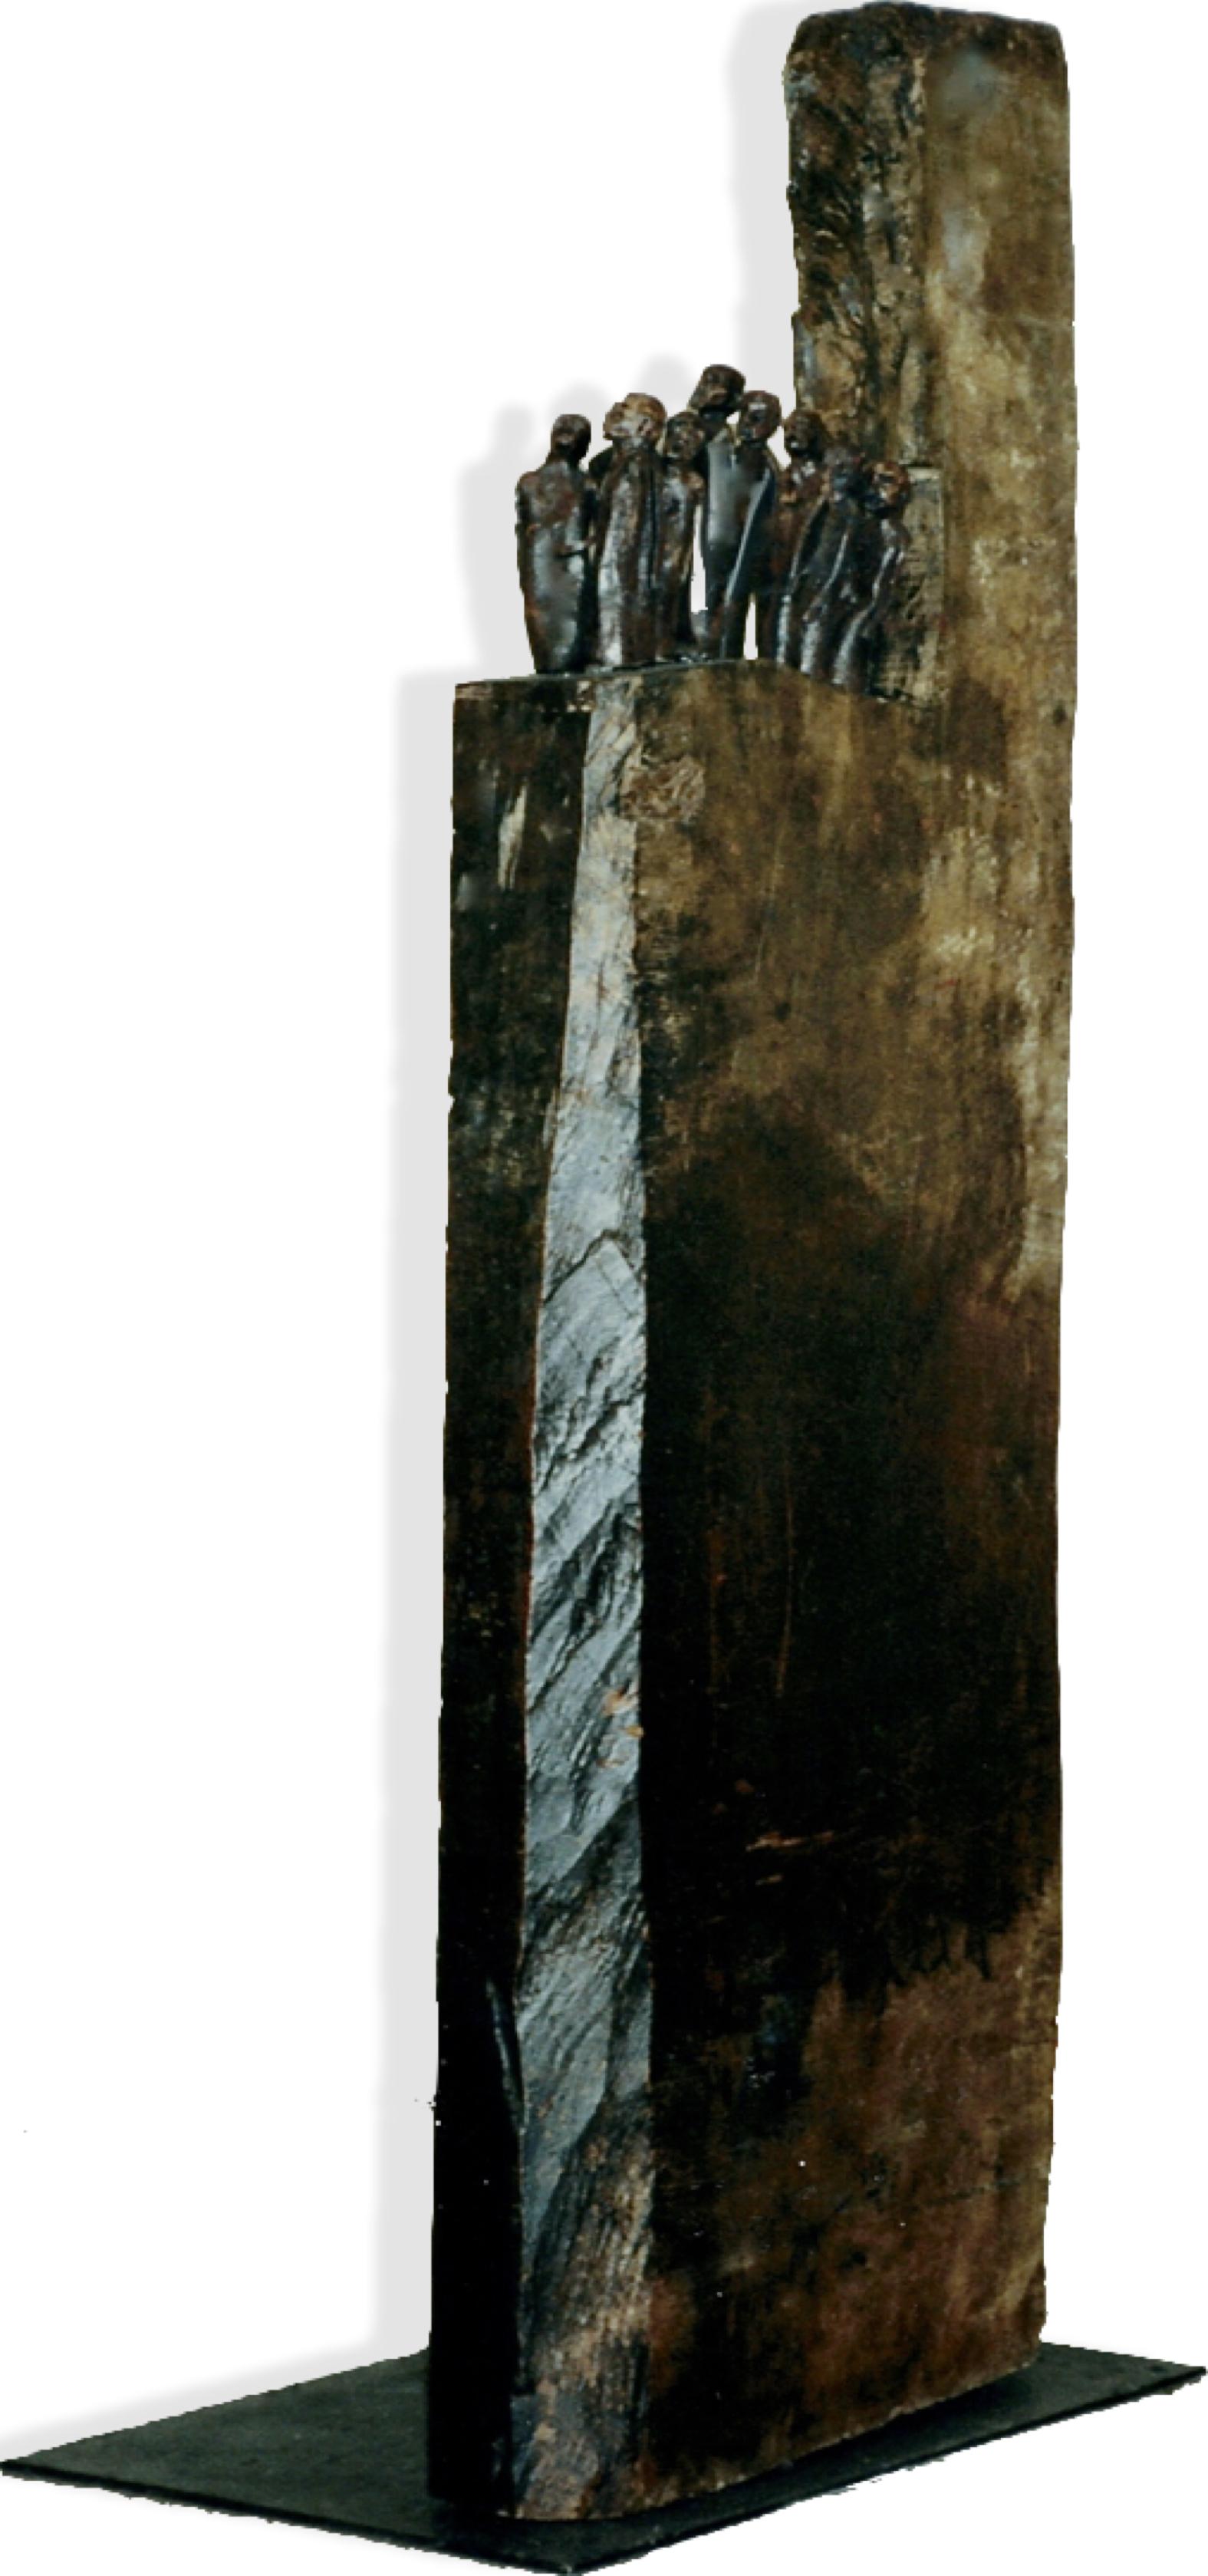 L'exode, 2000, Huile sur bois, céramique, métal, 152 x 55 x 35.5 cm.